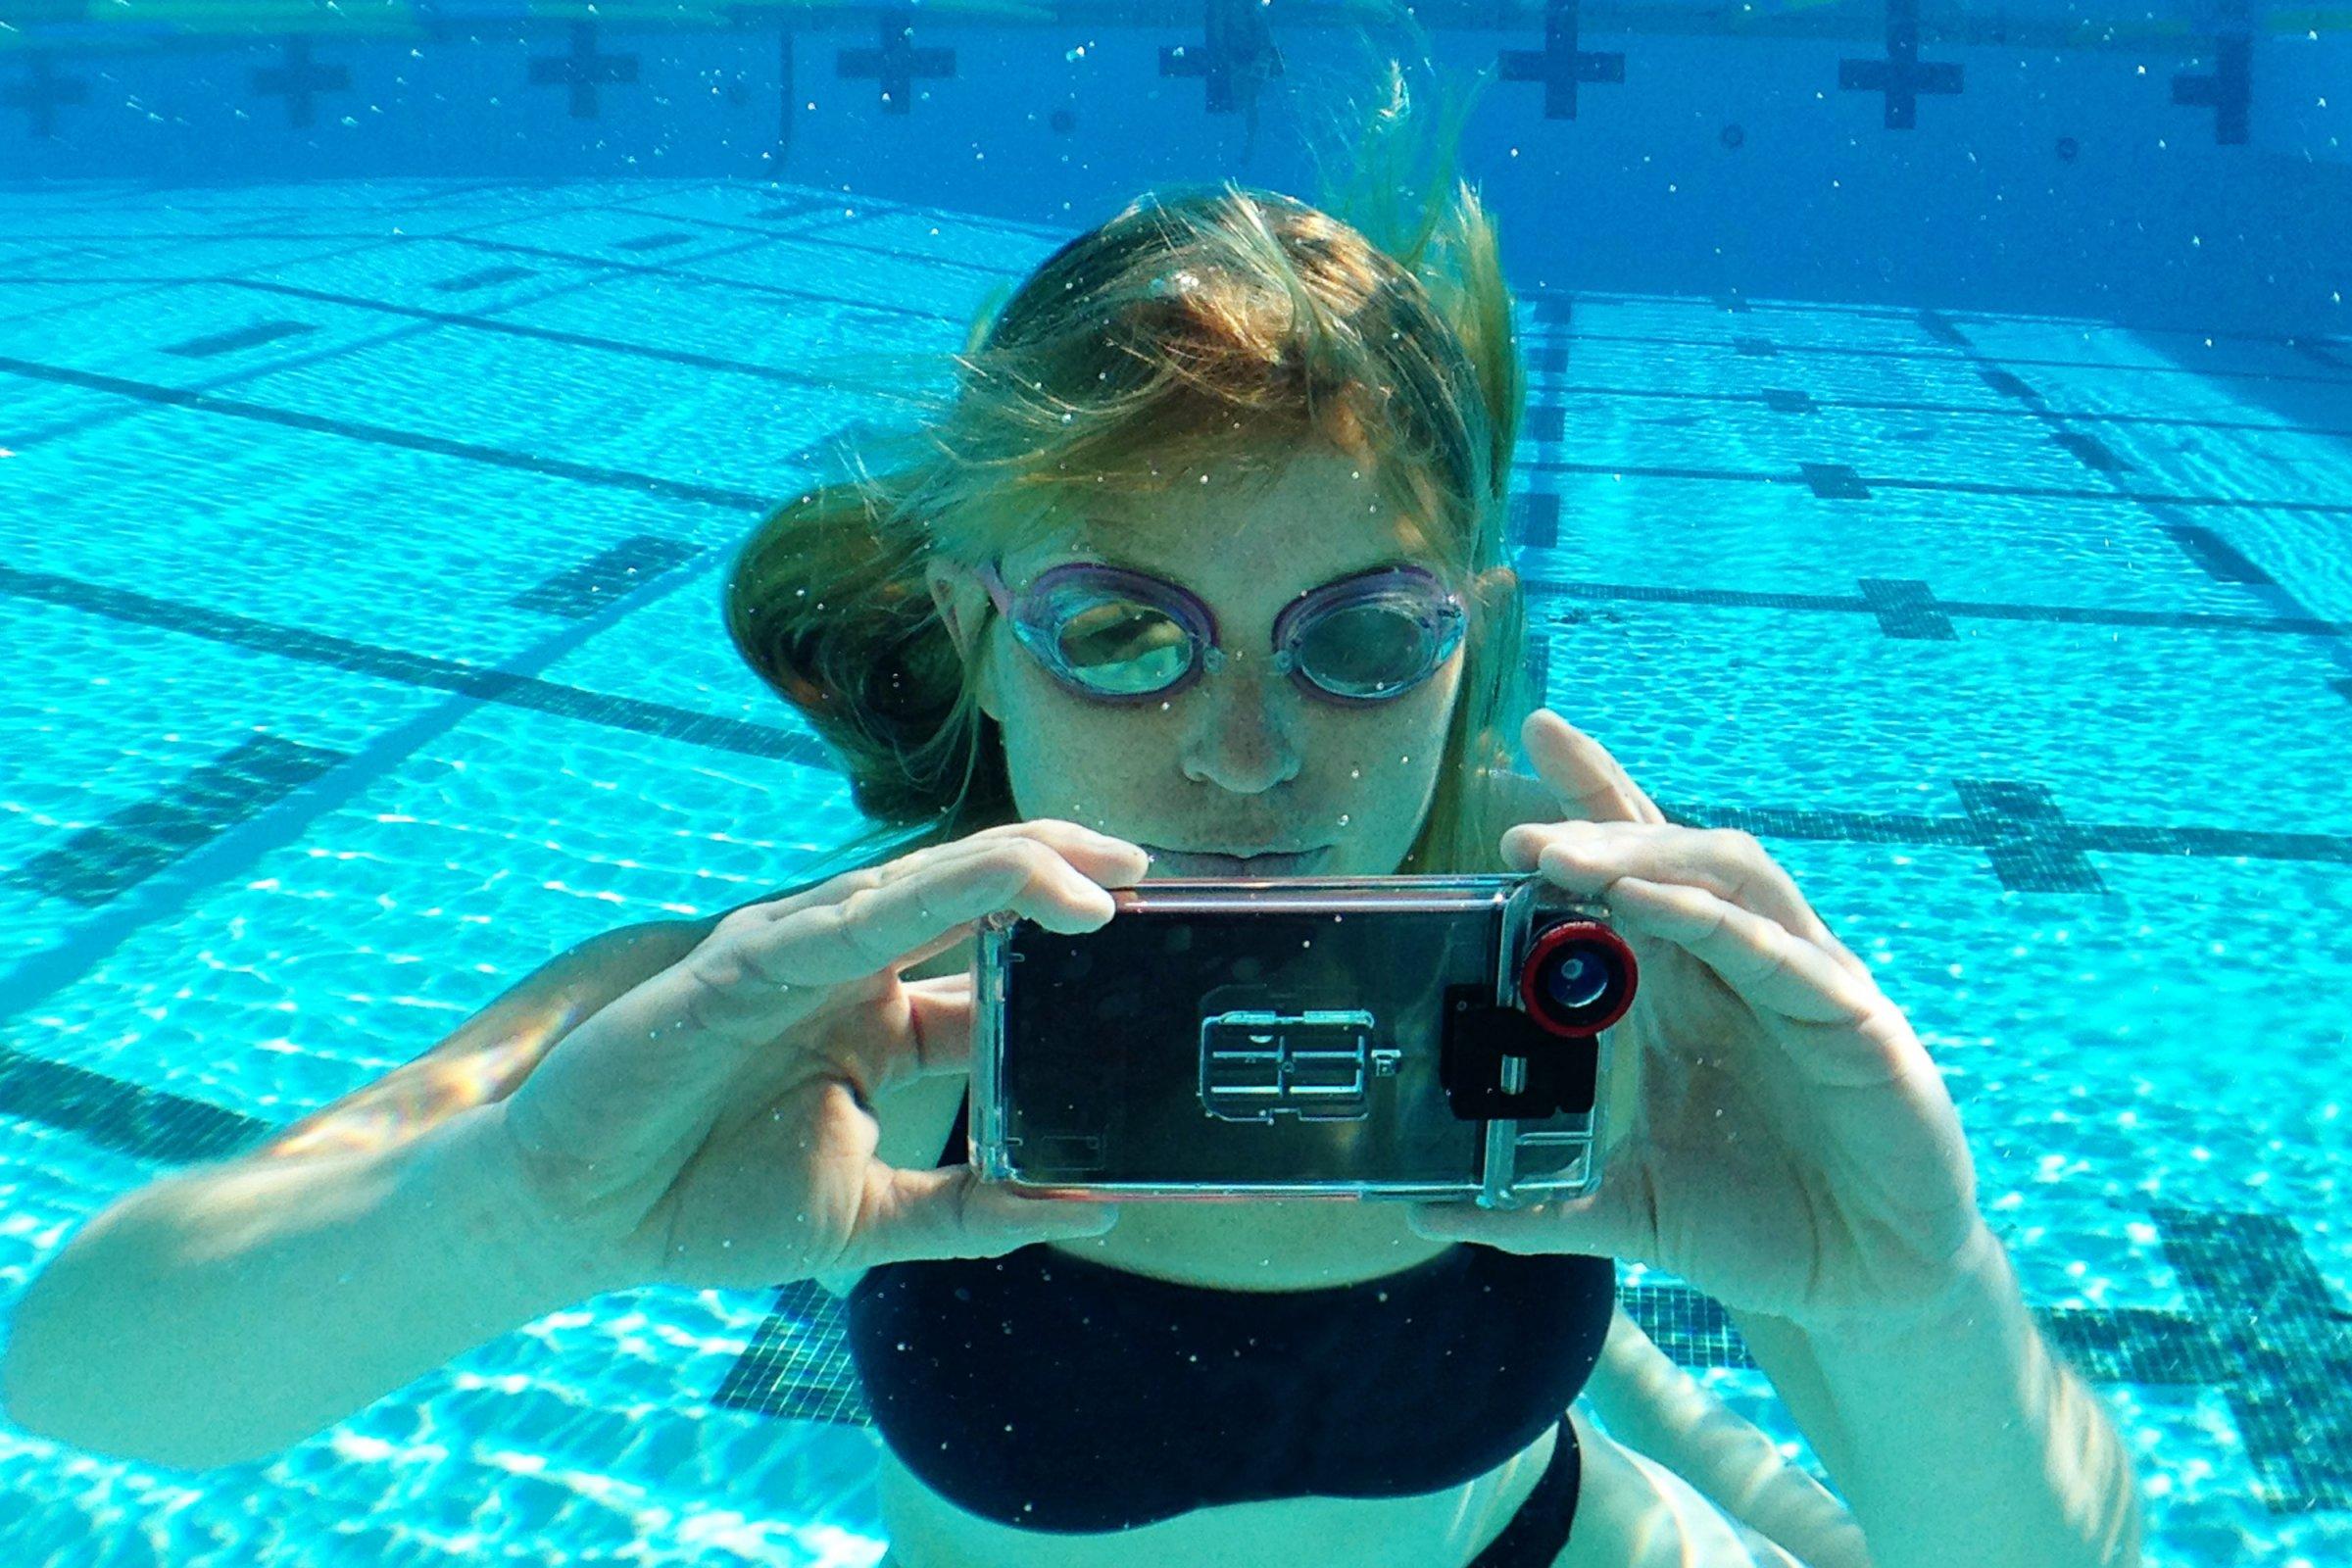 как делать фото под водой с телефона расширяется внизу